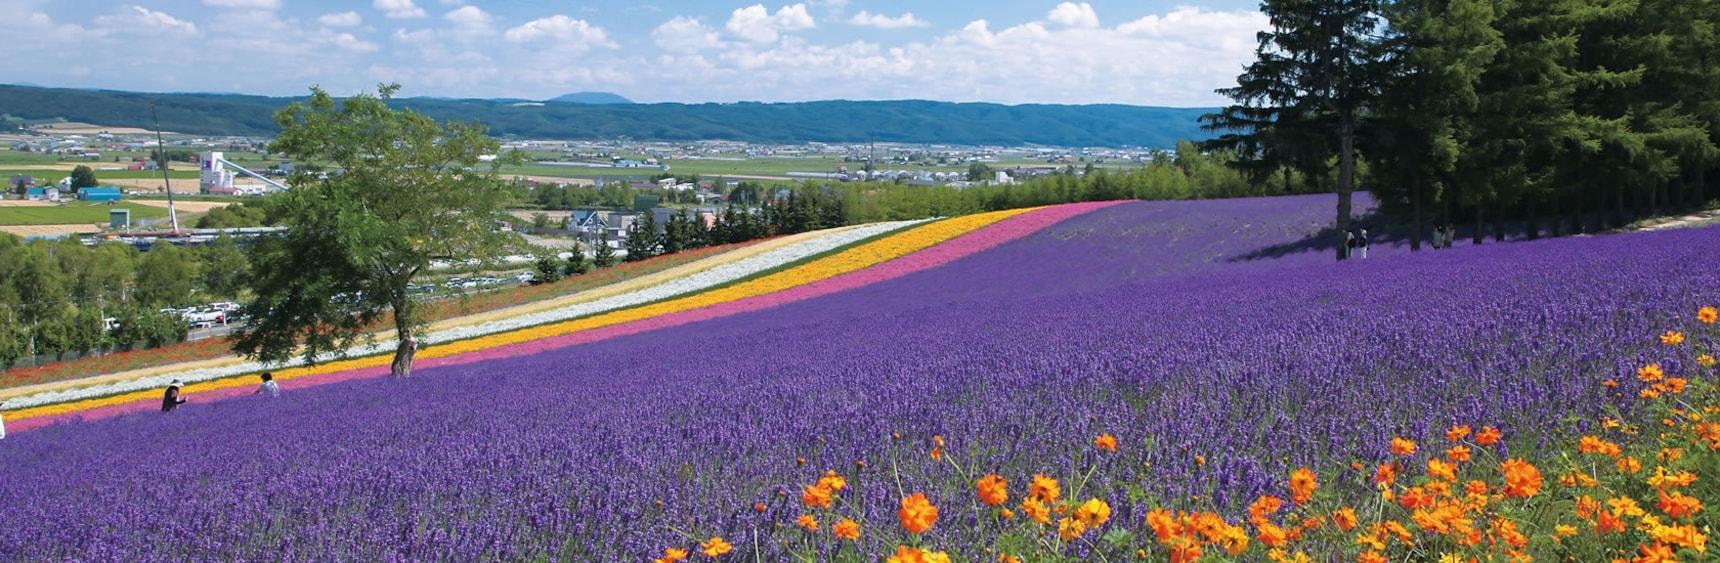 Japan's Top 3 Flower Parks